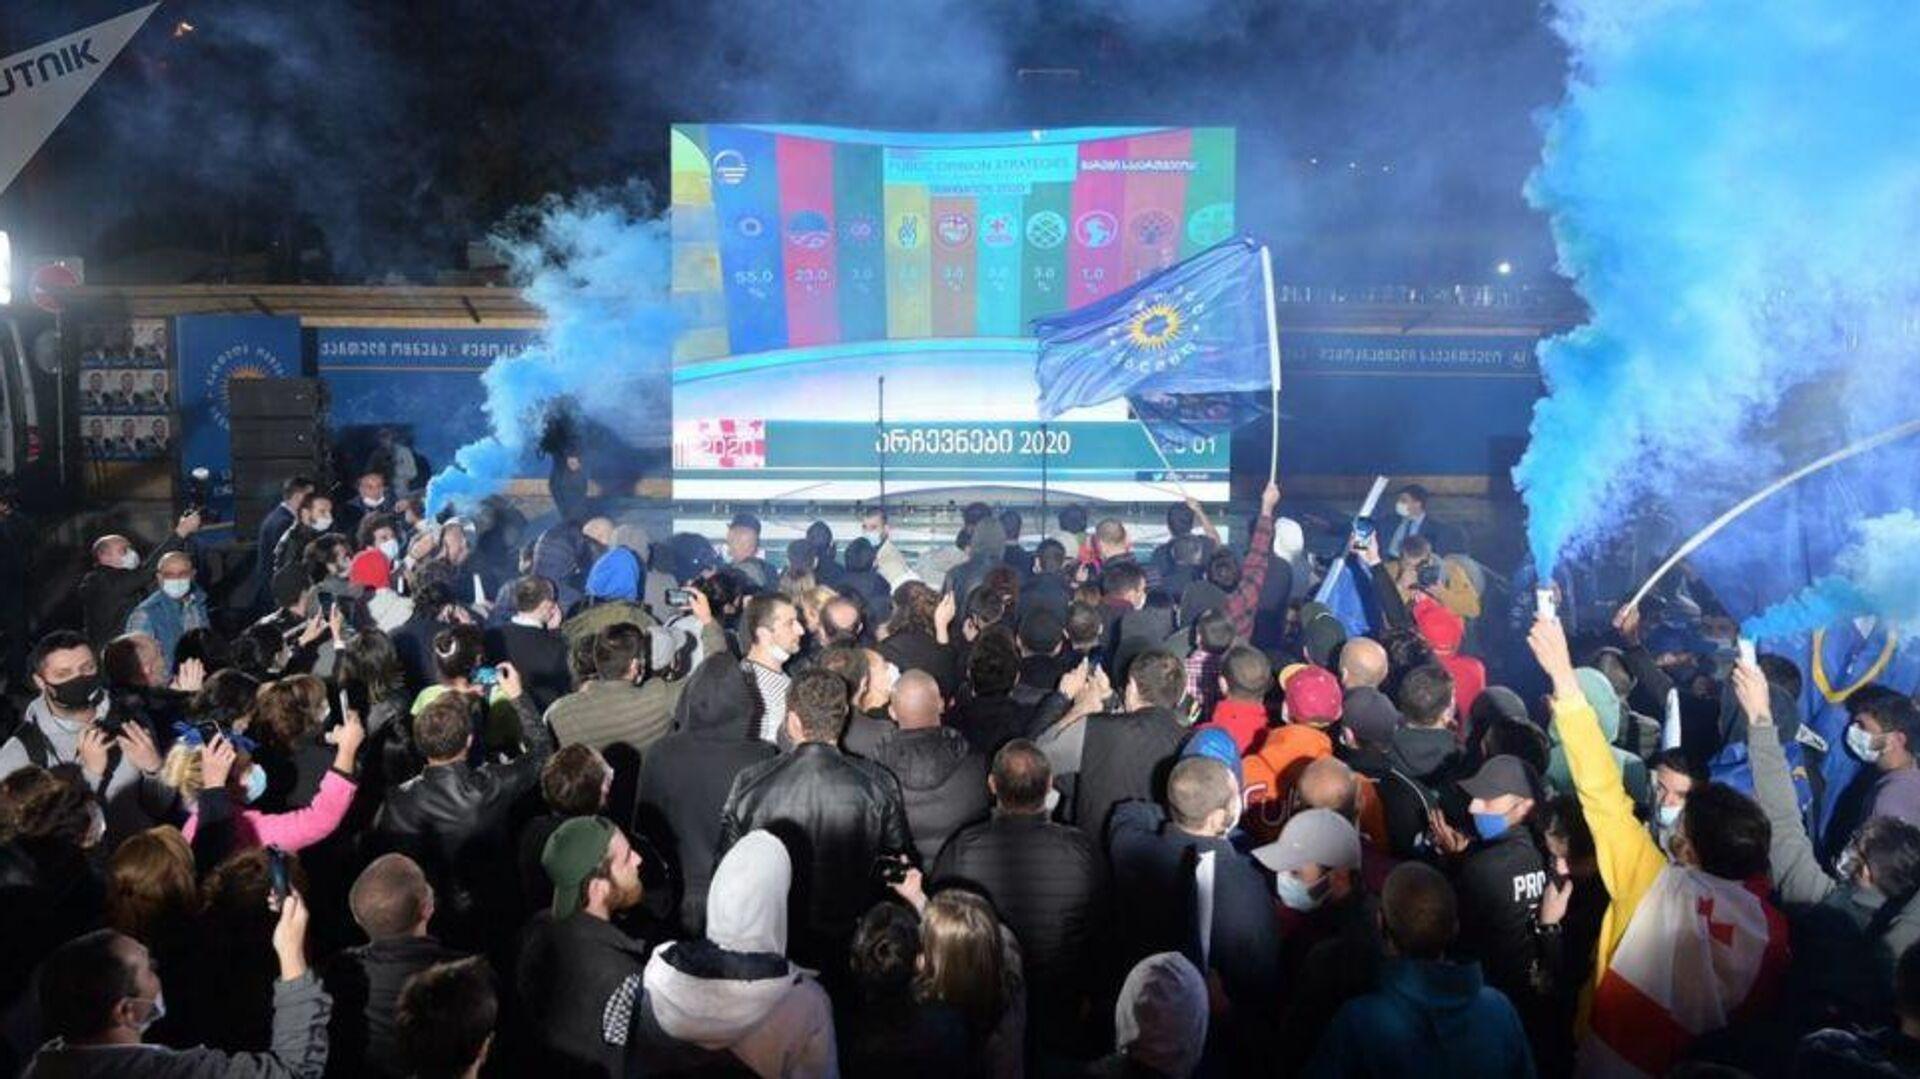 Правящая партия Грузинская мечта отмечает завершение парламентских выборов 2020 - РИА Новости, 1920, 21.11.2020